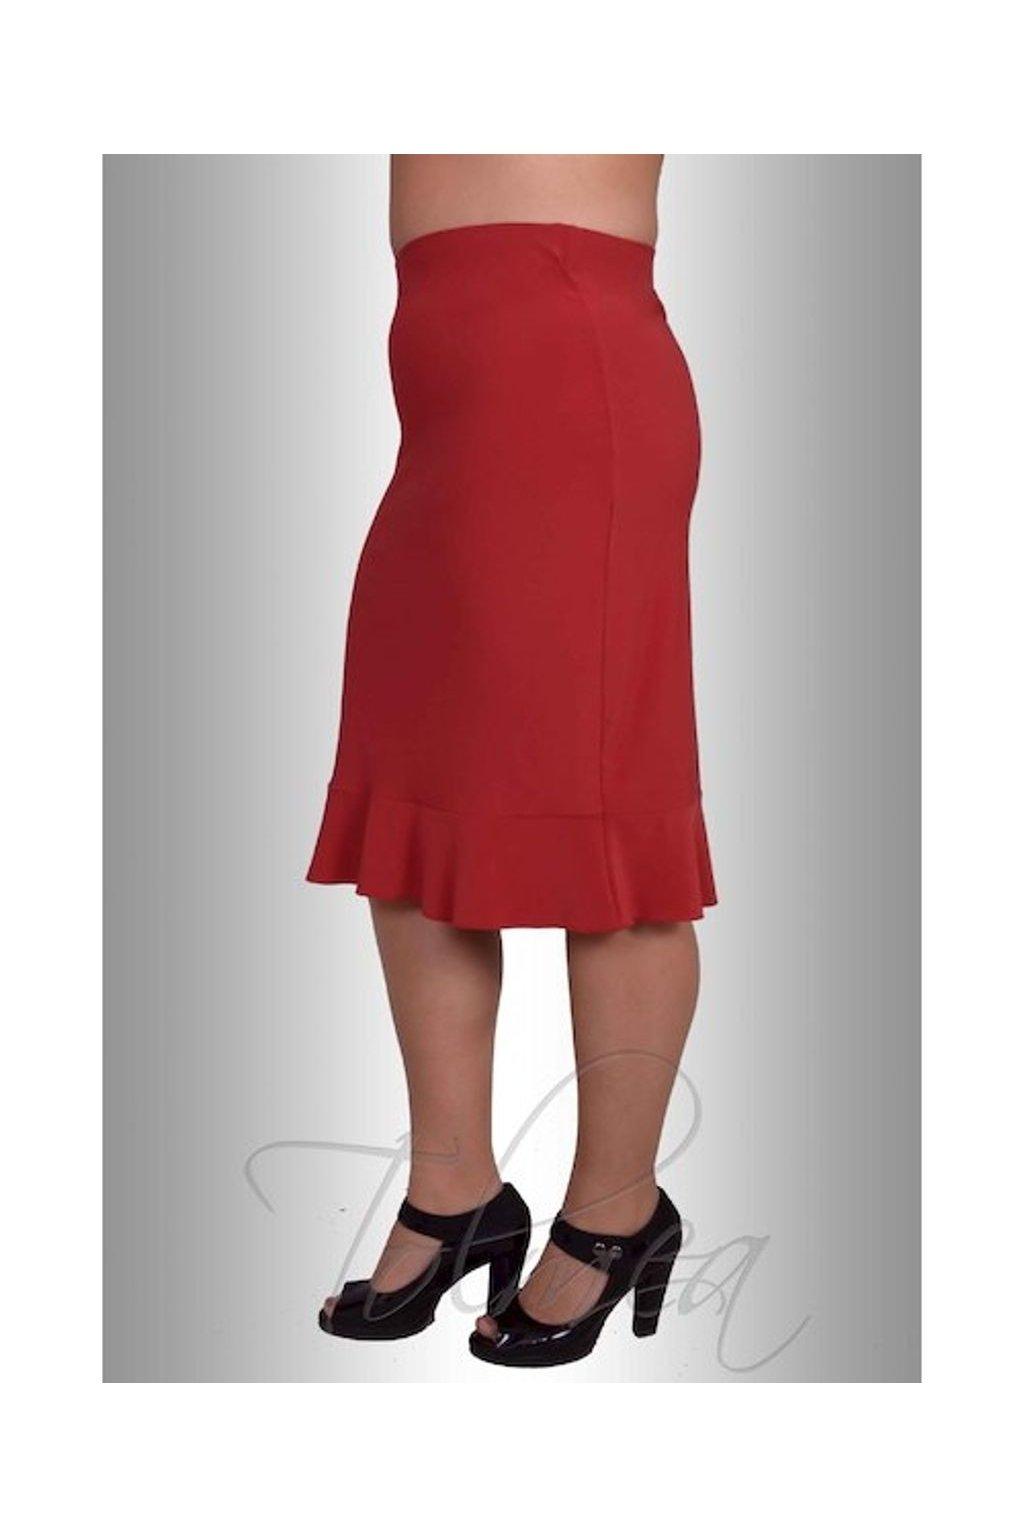 Sukně uni s kanýrkem 73 cm (Velikost 38, Barva Černá)